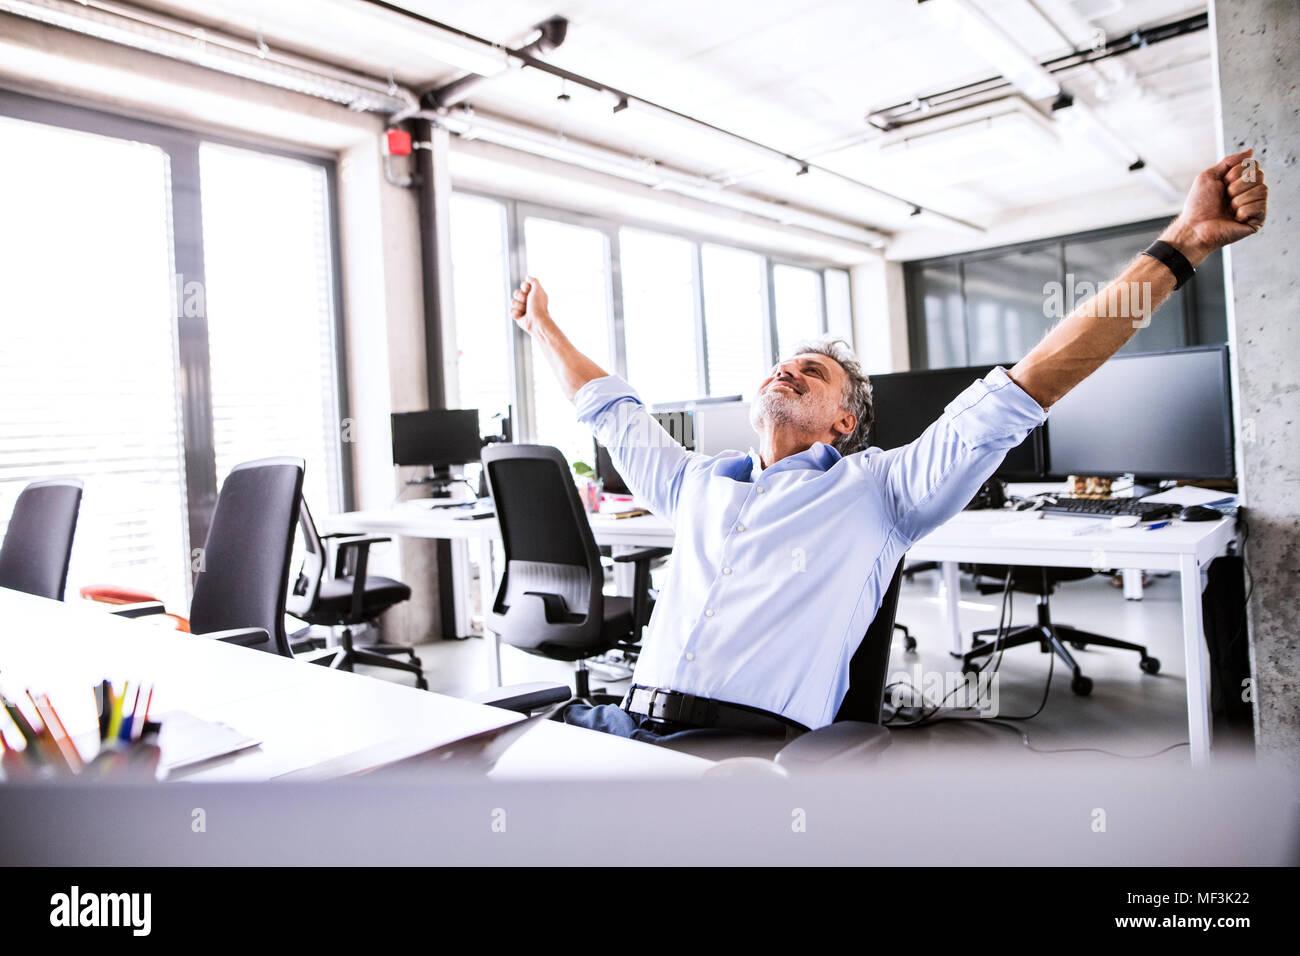 Gerne reife Geschäftsmann am Schreibtisch im Büro seine Arme anheben Stockbild